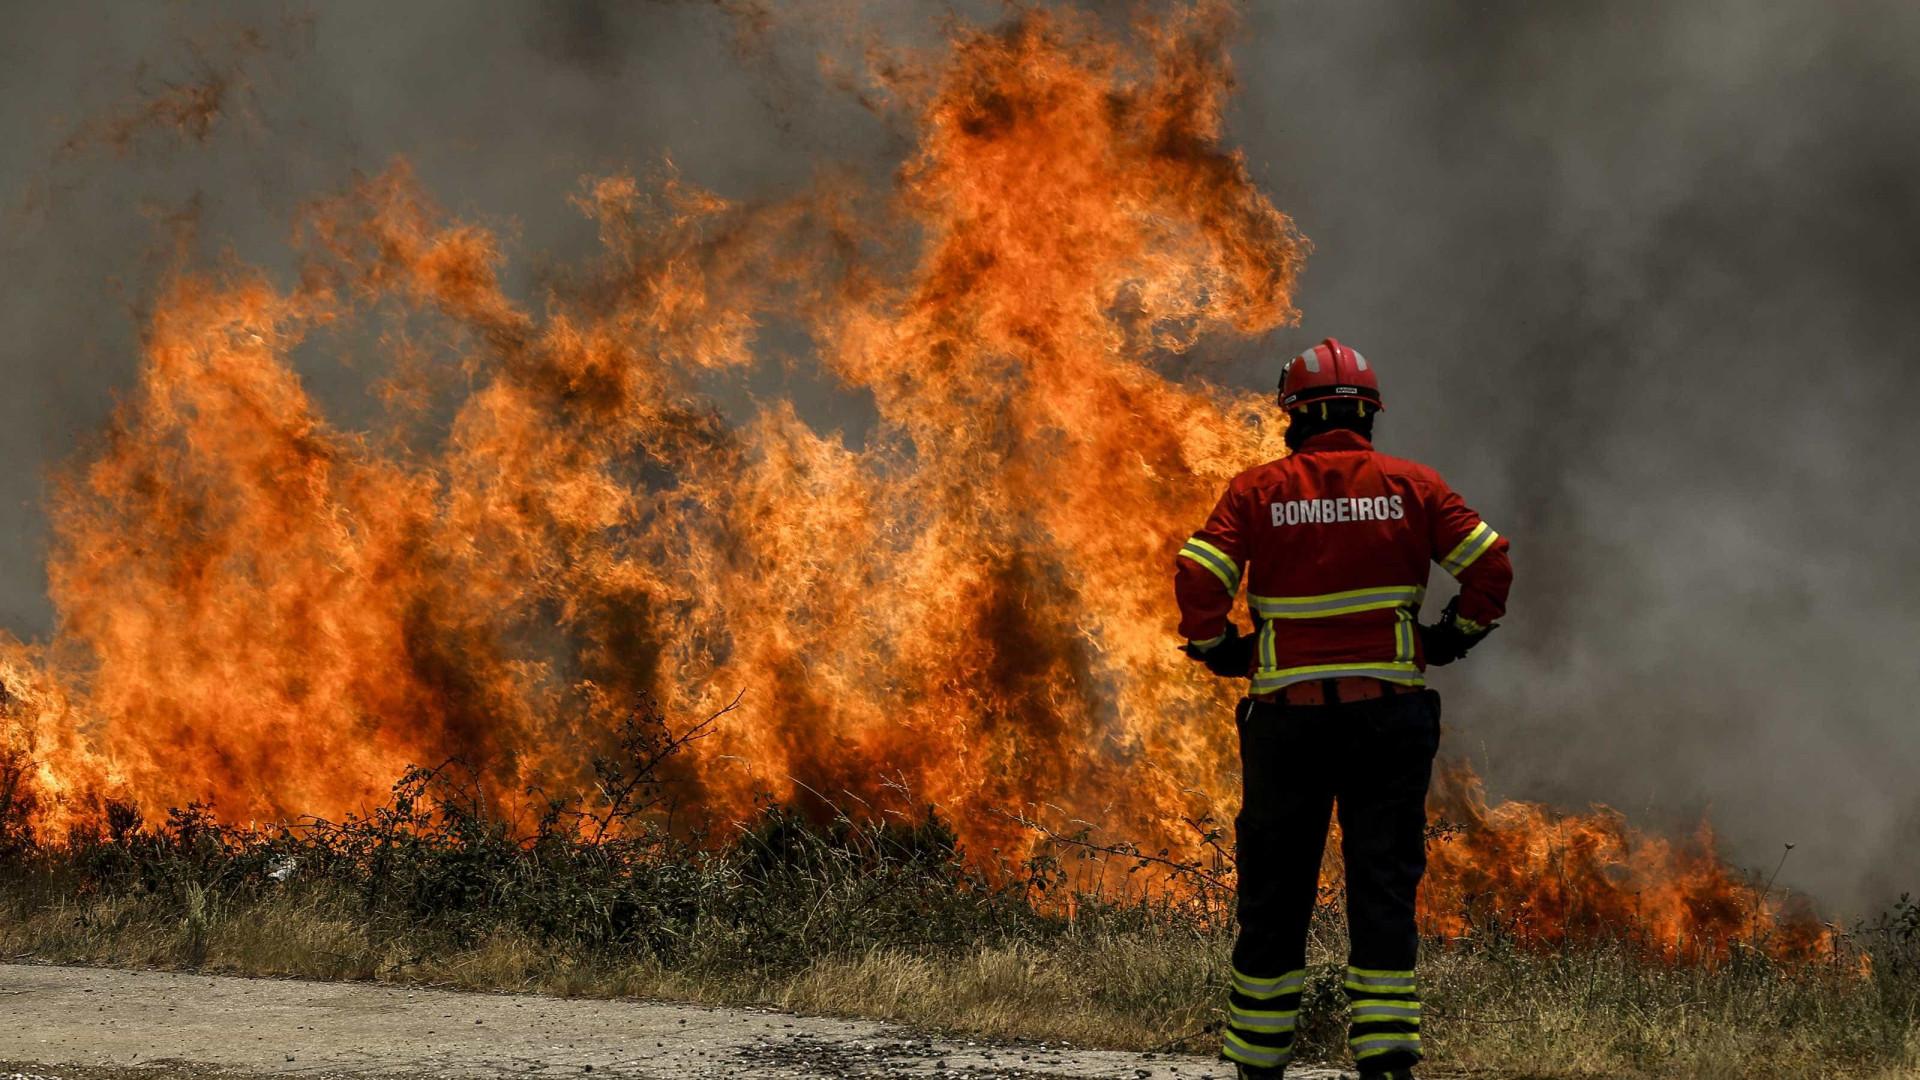 Distrito de Castelo Branco vai perder metade das corporações de bombeiros